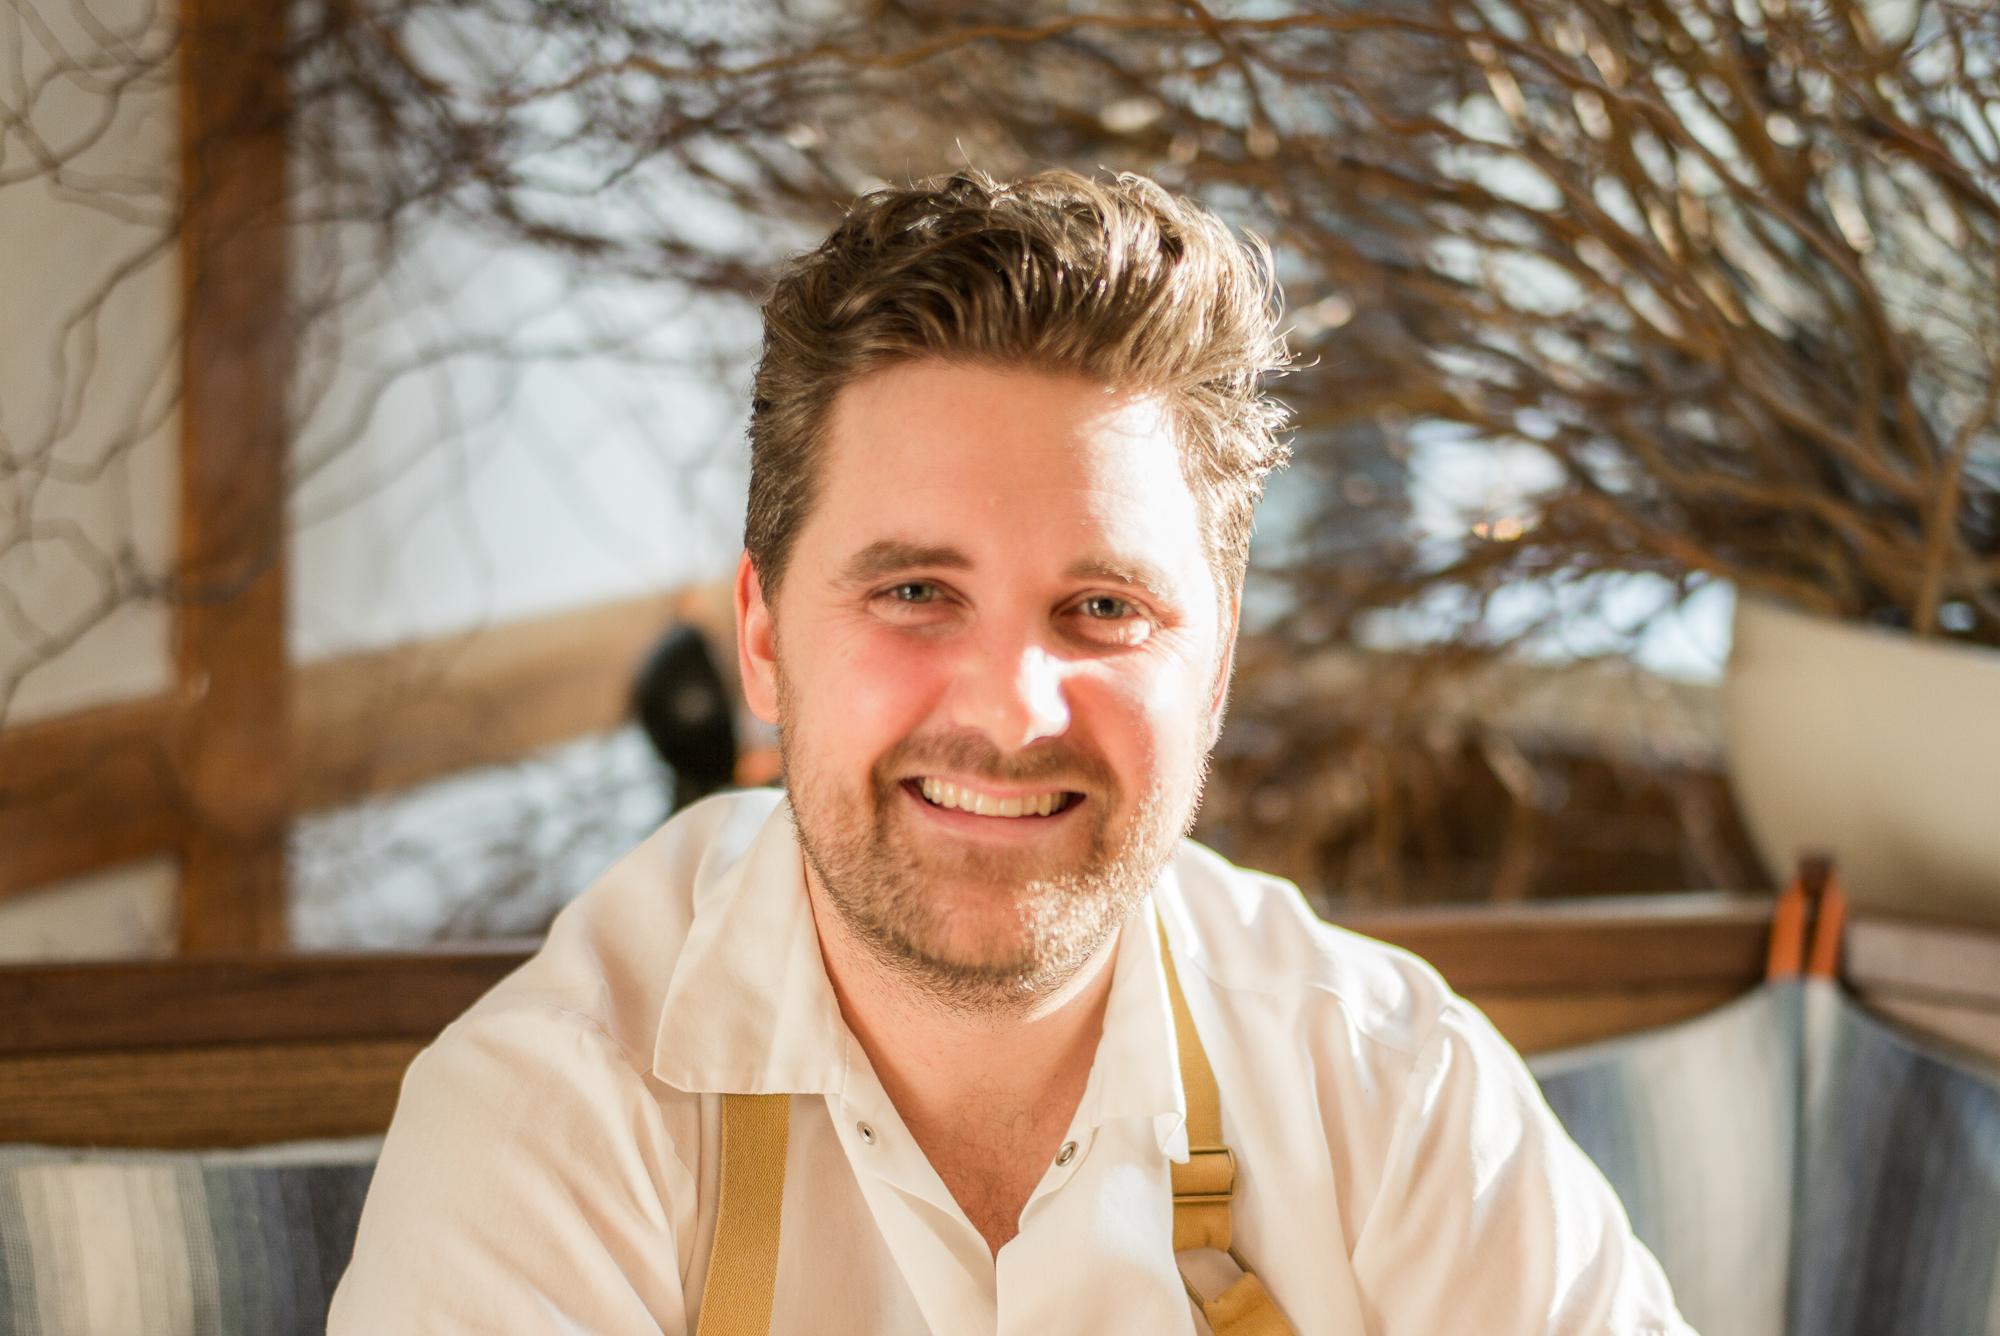 Dovetail chef/owner John Fraser